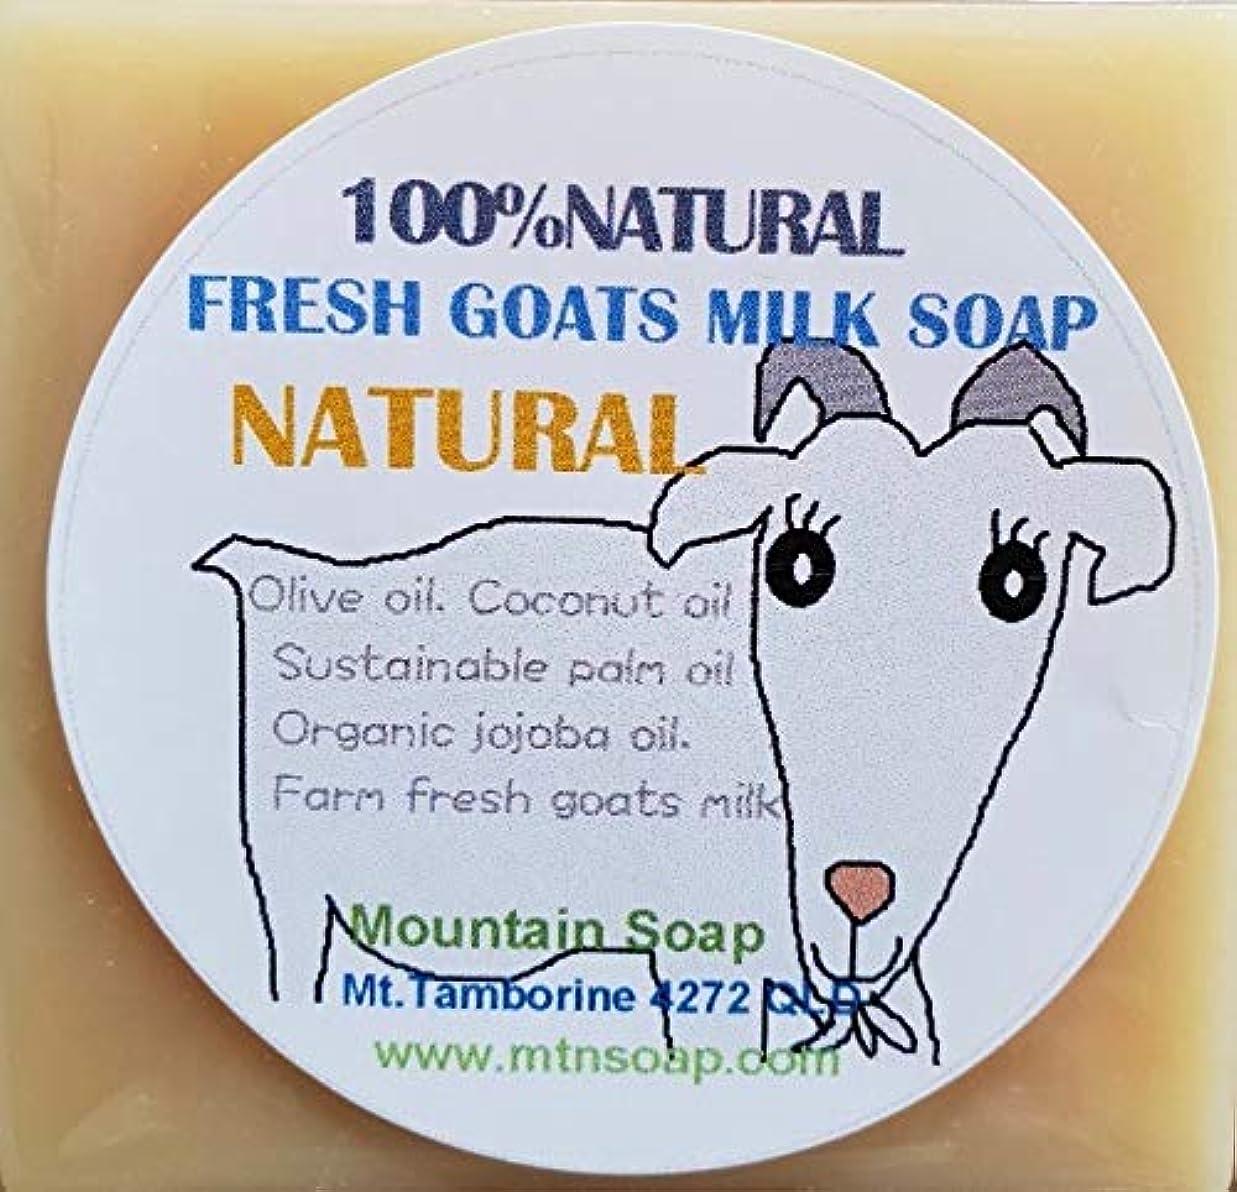 パキスタンベル愛国的な【Mountain Soap】マウンテンソープ 農場直送絞りたて生乳使用 ゴートミルク石鹸 ナチュラル